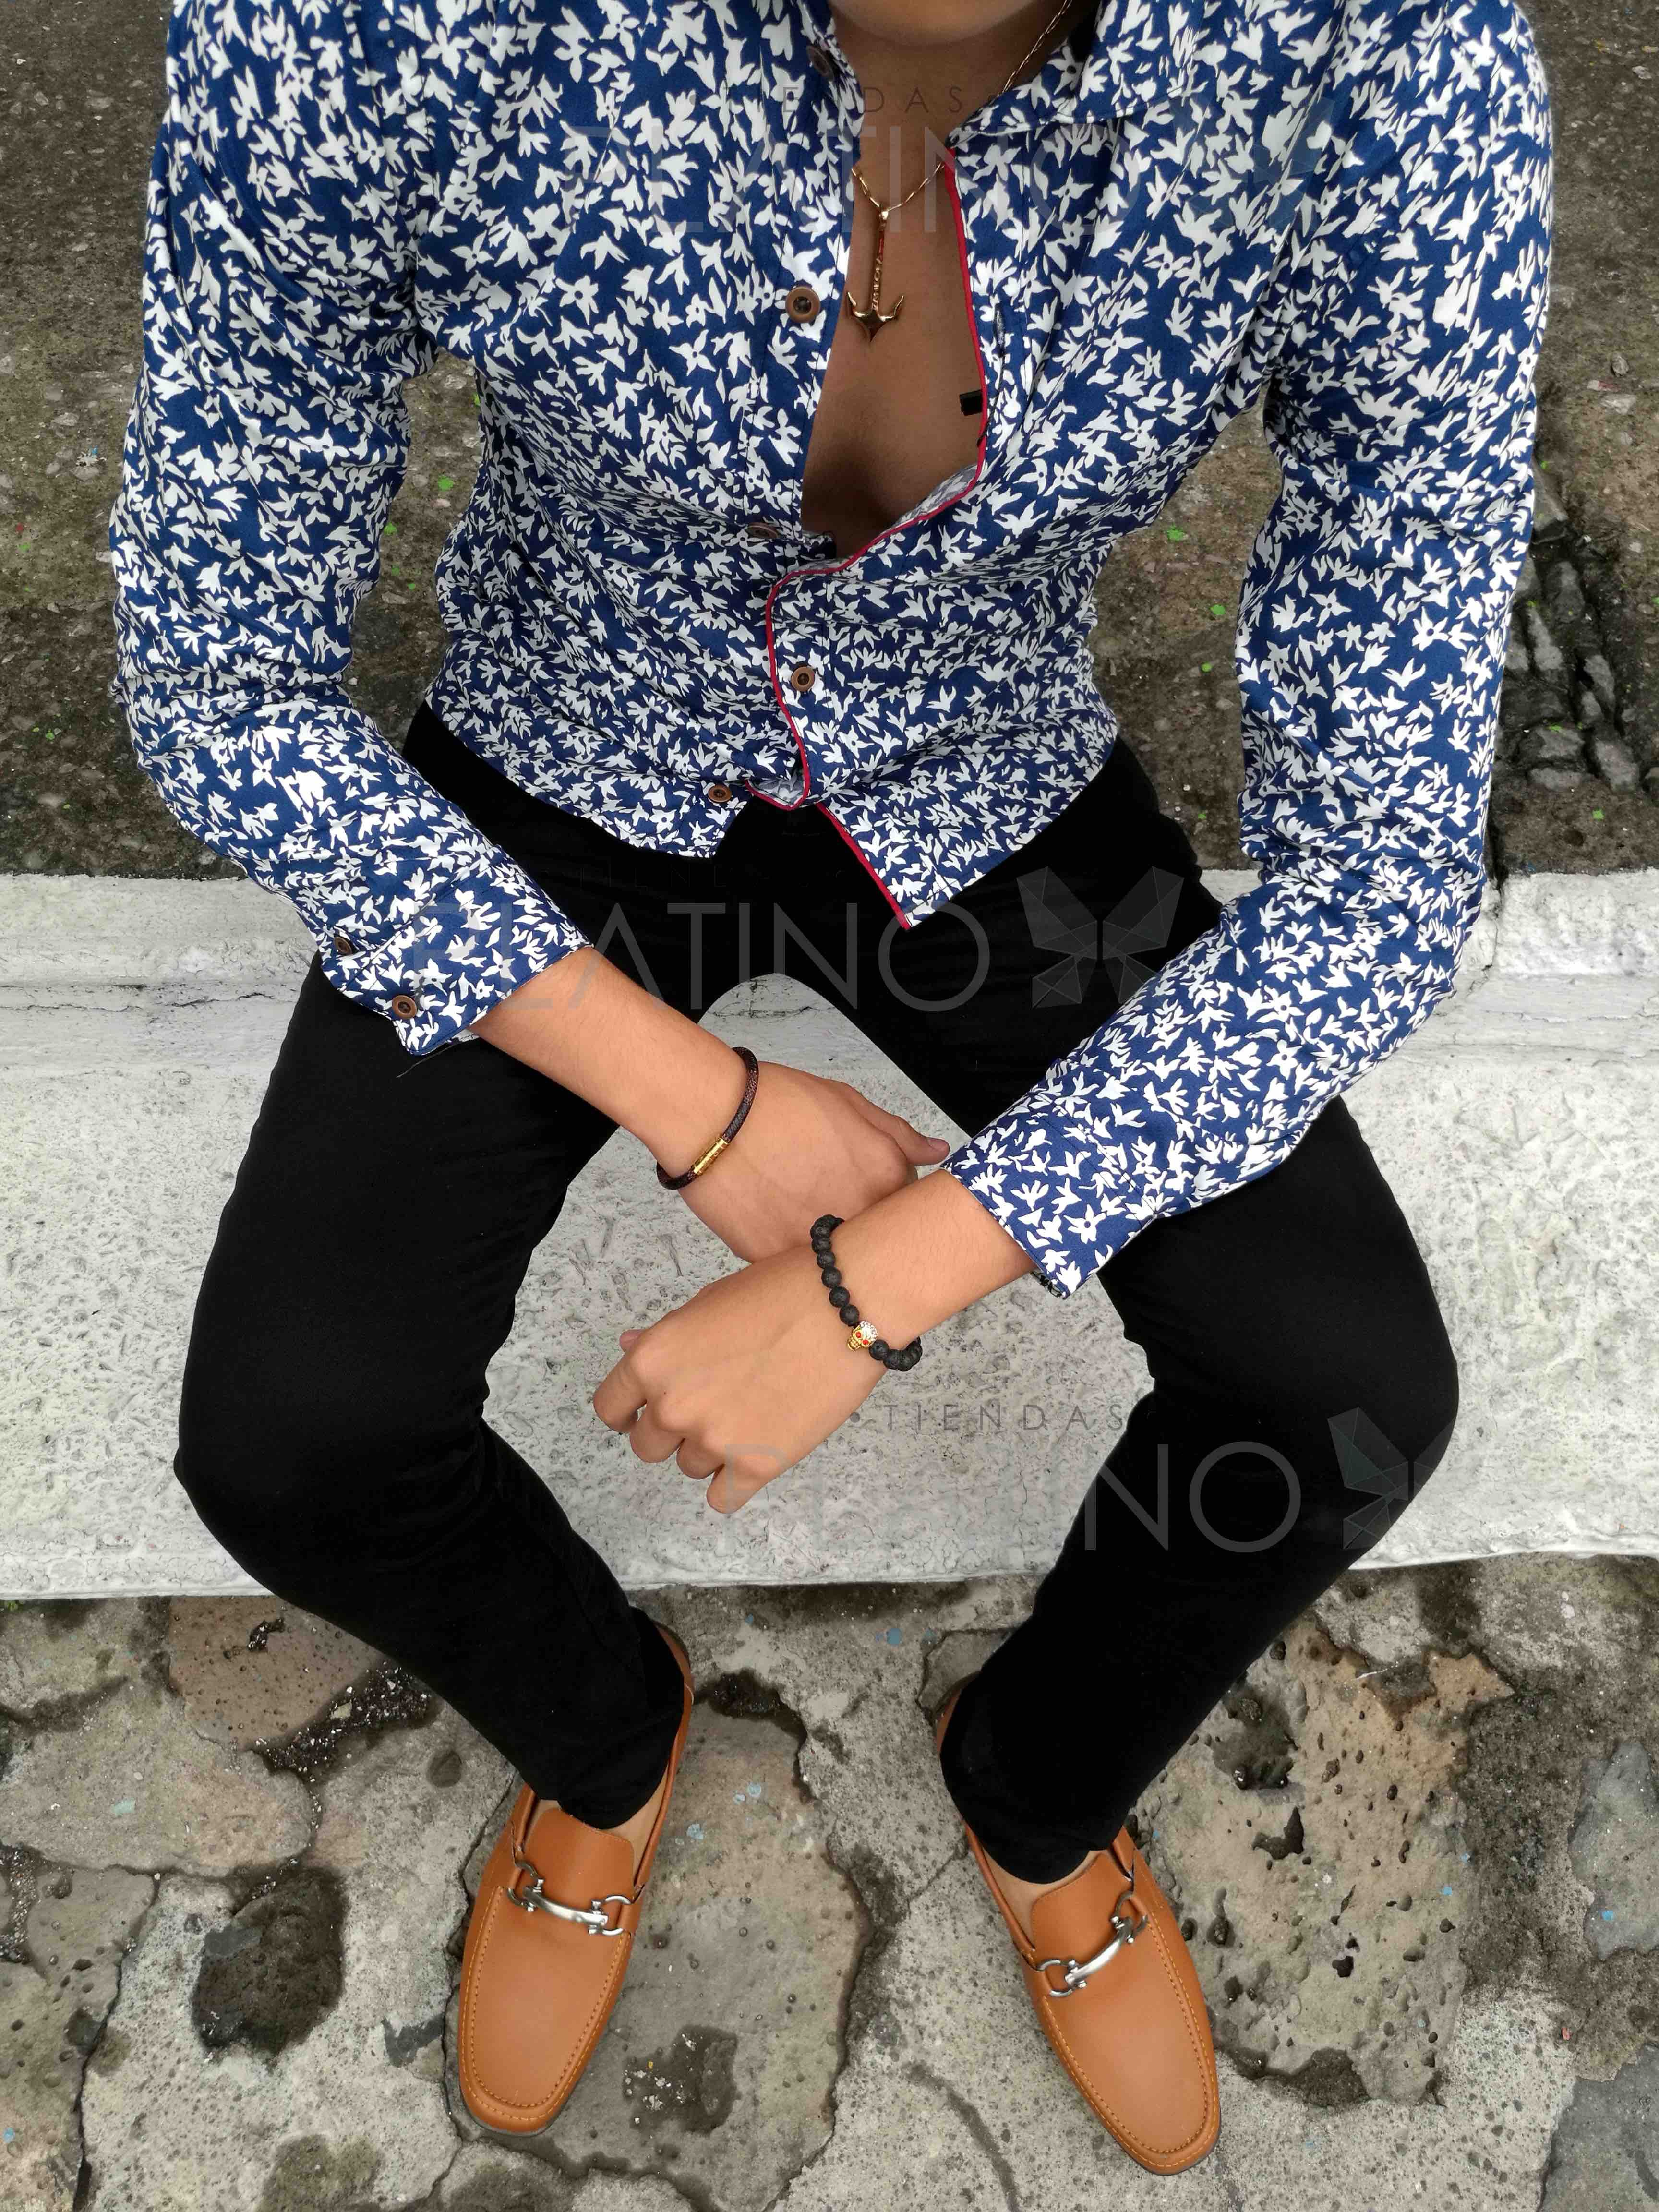 """Camisa slim fit marino con flores blancas, pantalón de gabardina negro y mocasín café de ribete. Artículos hechos en México por la marca """"Moon & Rain"""" y de venta exclusiva en """"Tiendas Platino"""" #TiendasPlatino #Moda #Hombre #Camisa #Pantalón #Calzado #Mocasín #Outfit #Mens #Fashion #Dapper #Ropa #México #Looks #Style"""